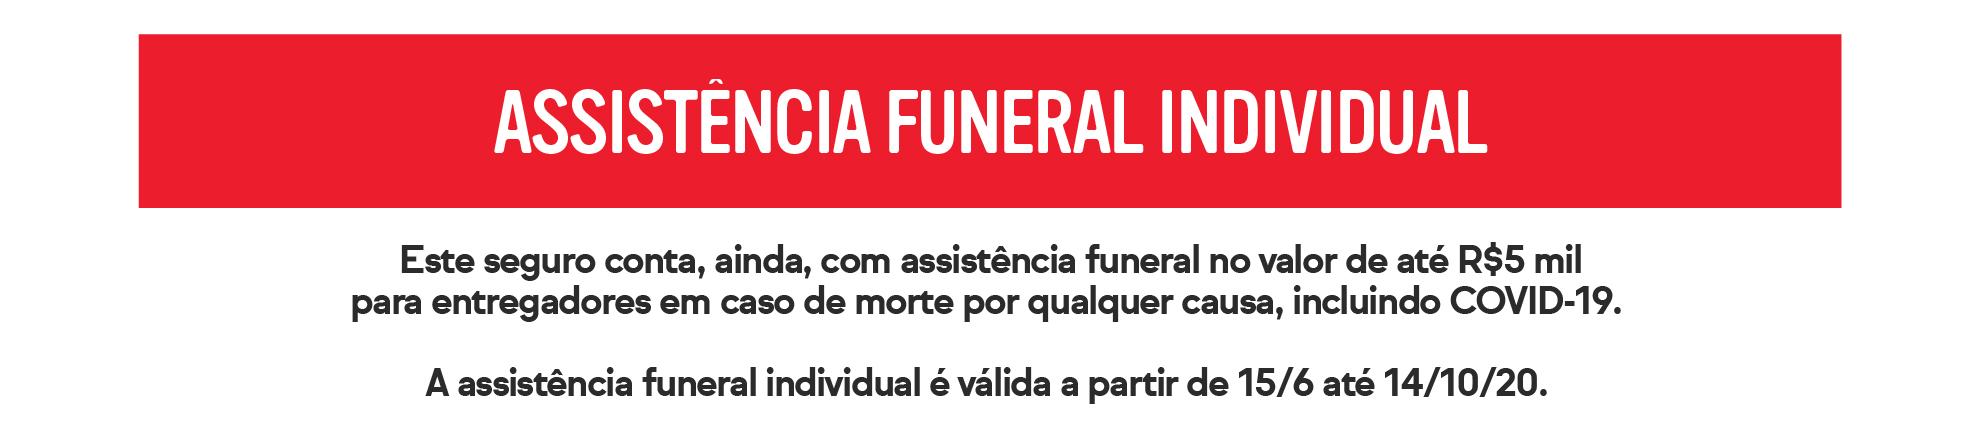 assistência funeral individual